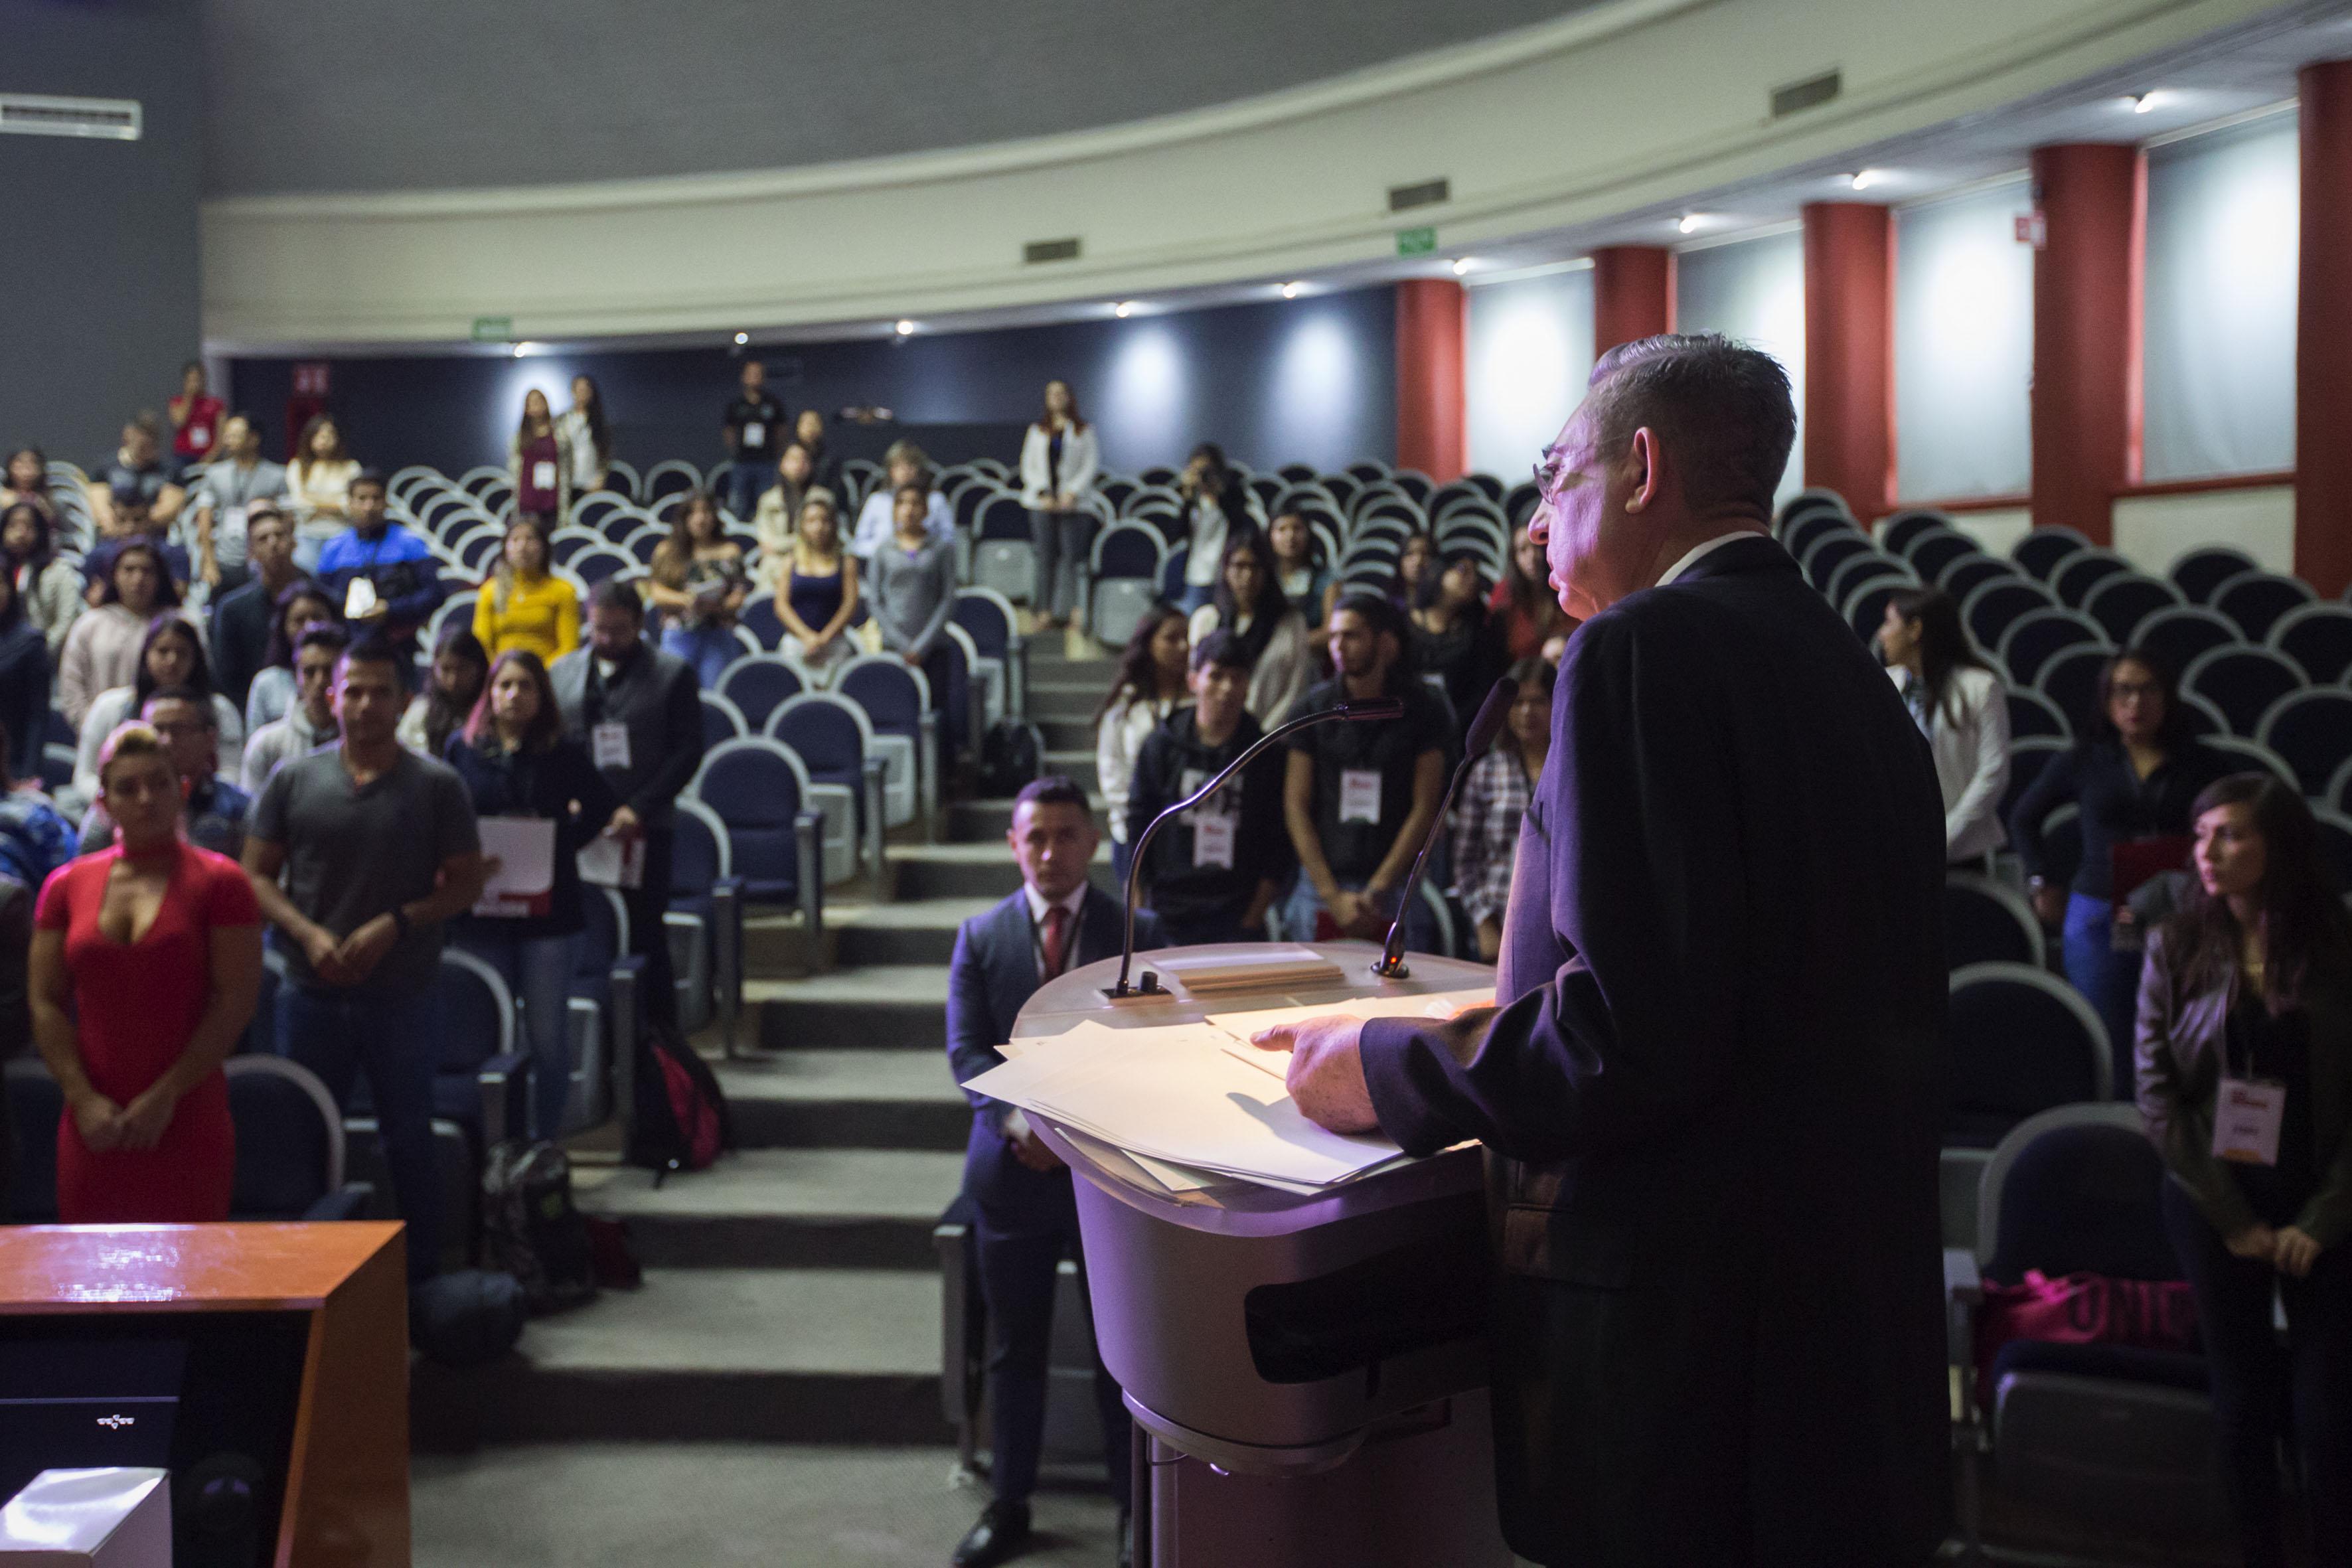 Secretario académico del CUCS, maestro Rogelio Zambrano Guzmán, en podium del evento, haciendo uso de la palabra, durante acto inagural.